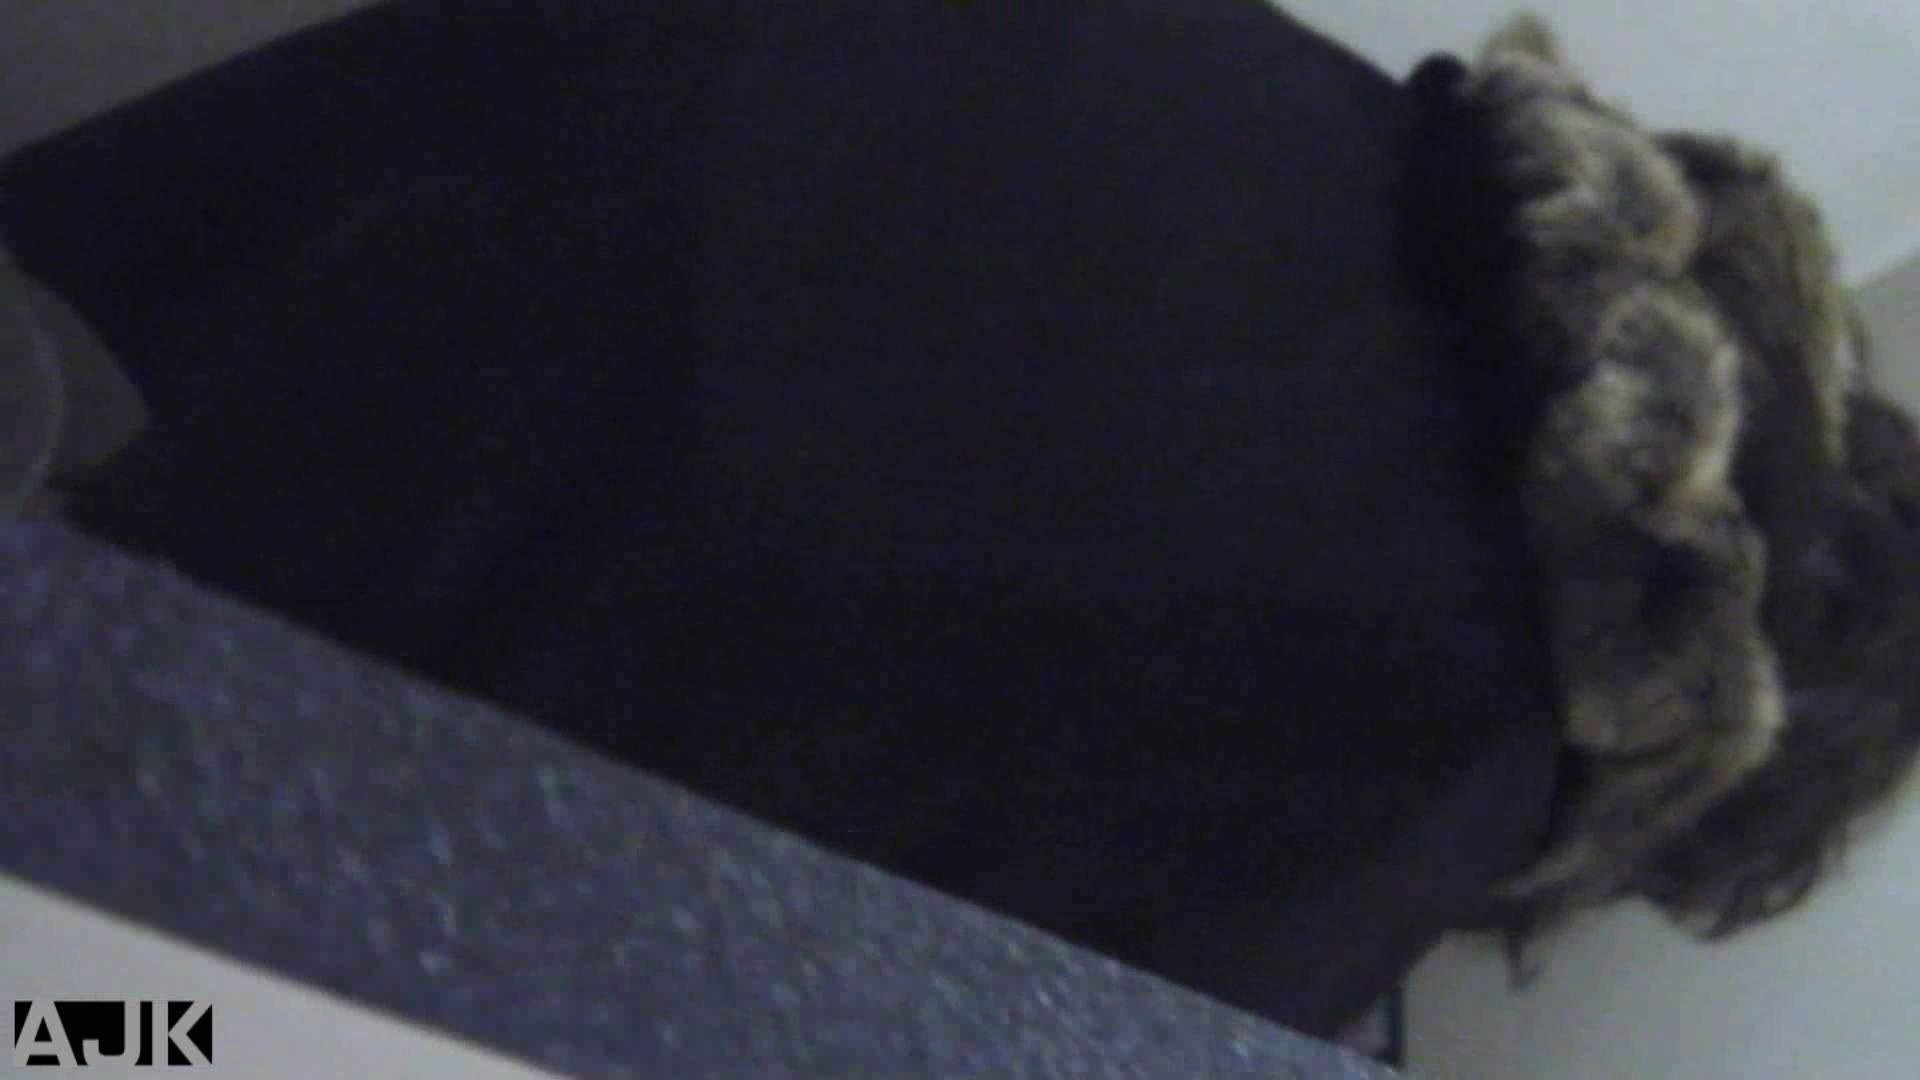 隣国上階級エリアの令嬢たちが集うデパートお手洗い Vol.29 美女 オマンコ無修正動画無料 90画像 69